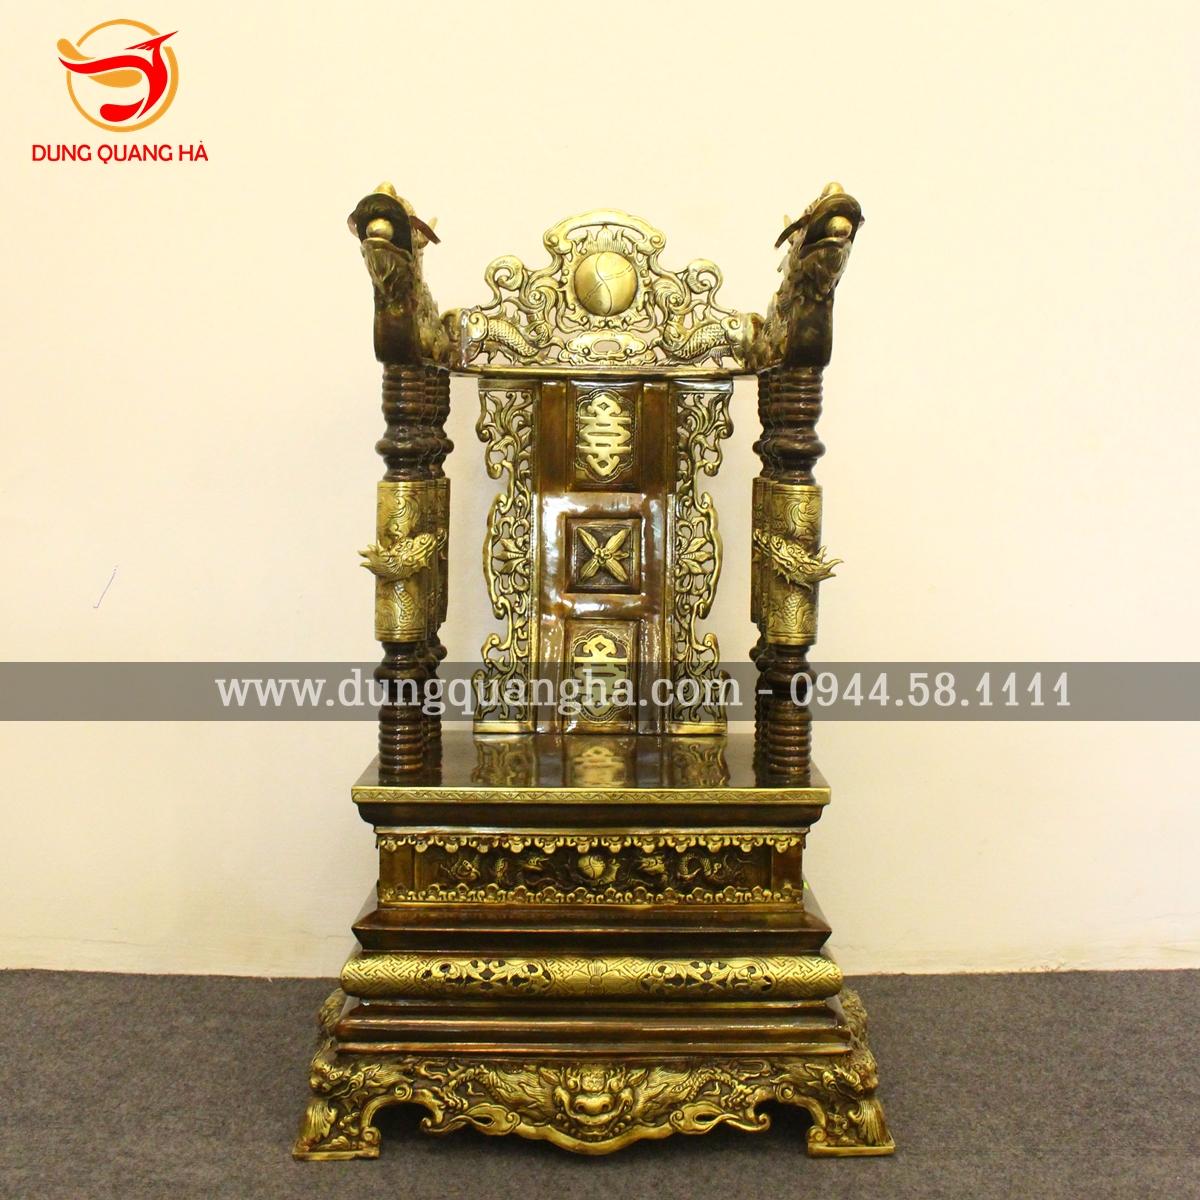 Ngai thờ gia tiên đồng vàng giả cổ tinh xảo ấn tượng